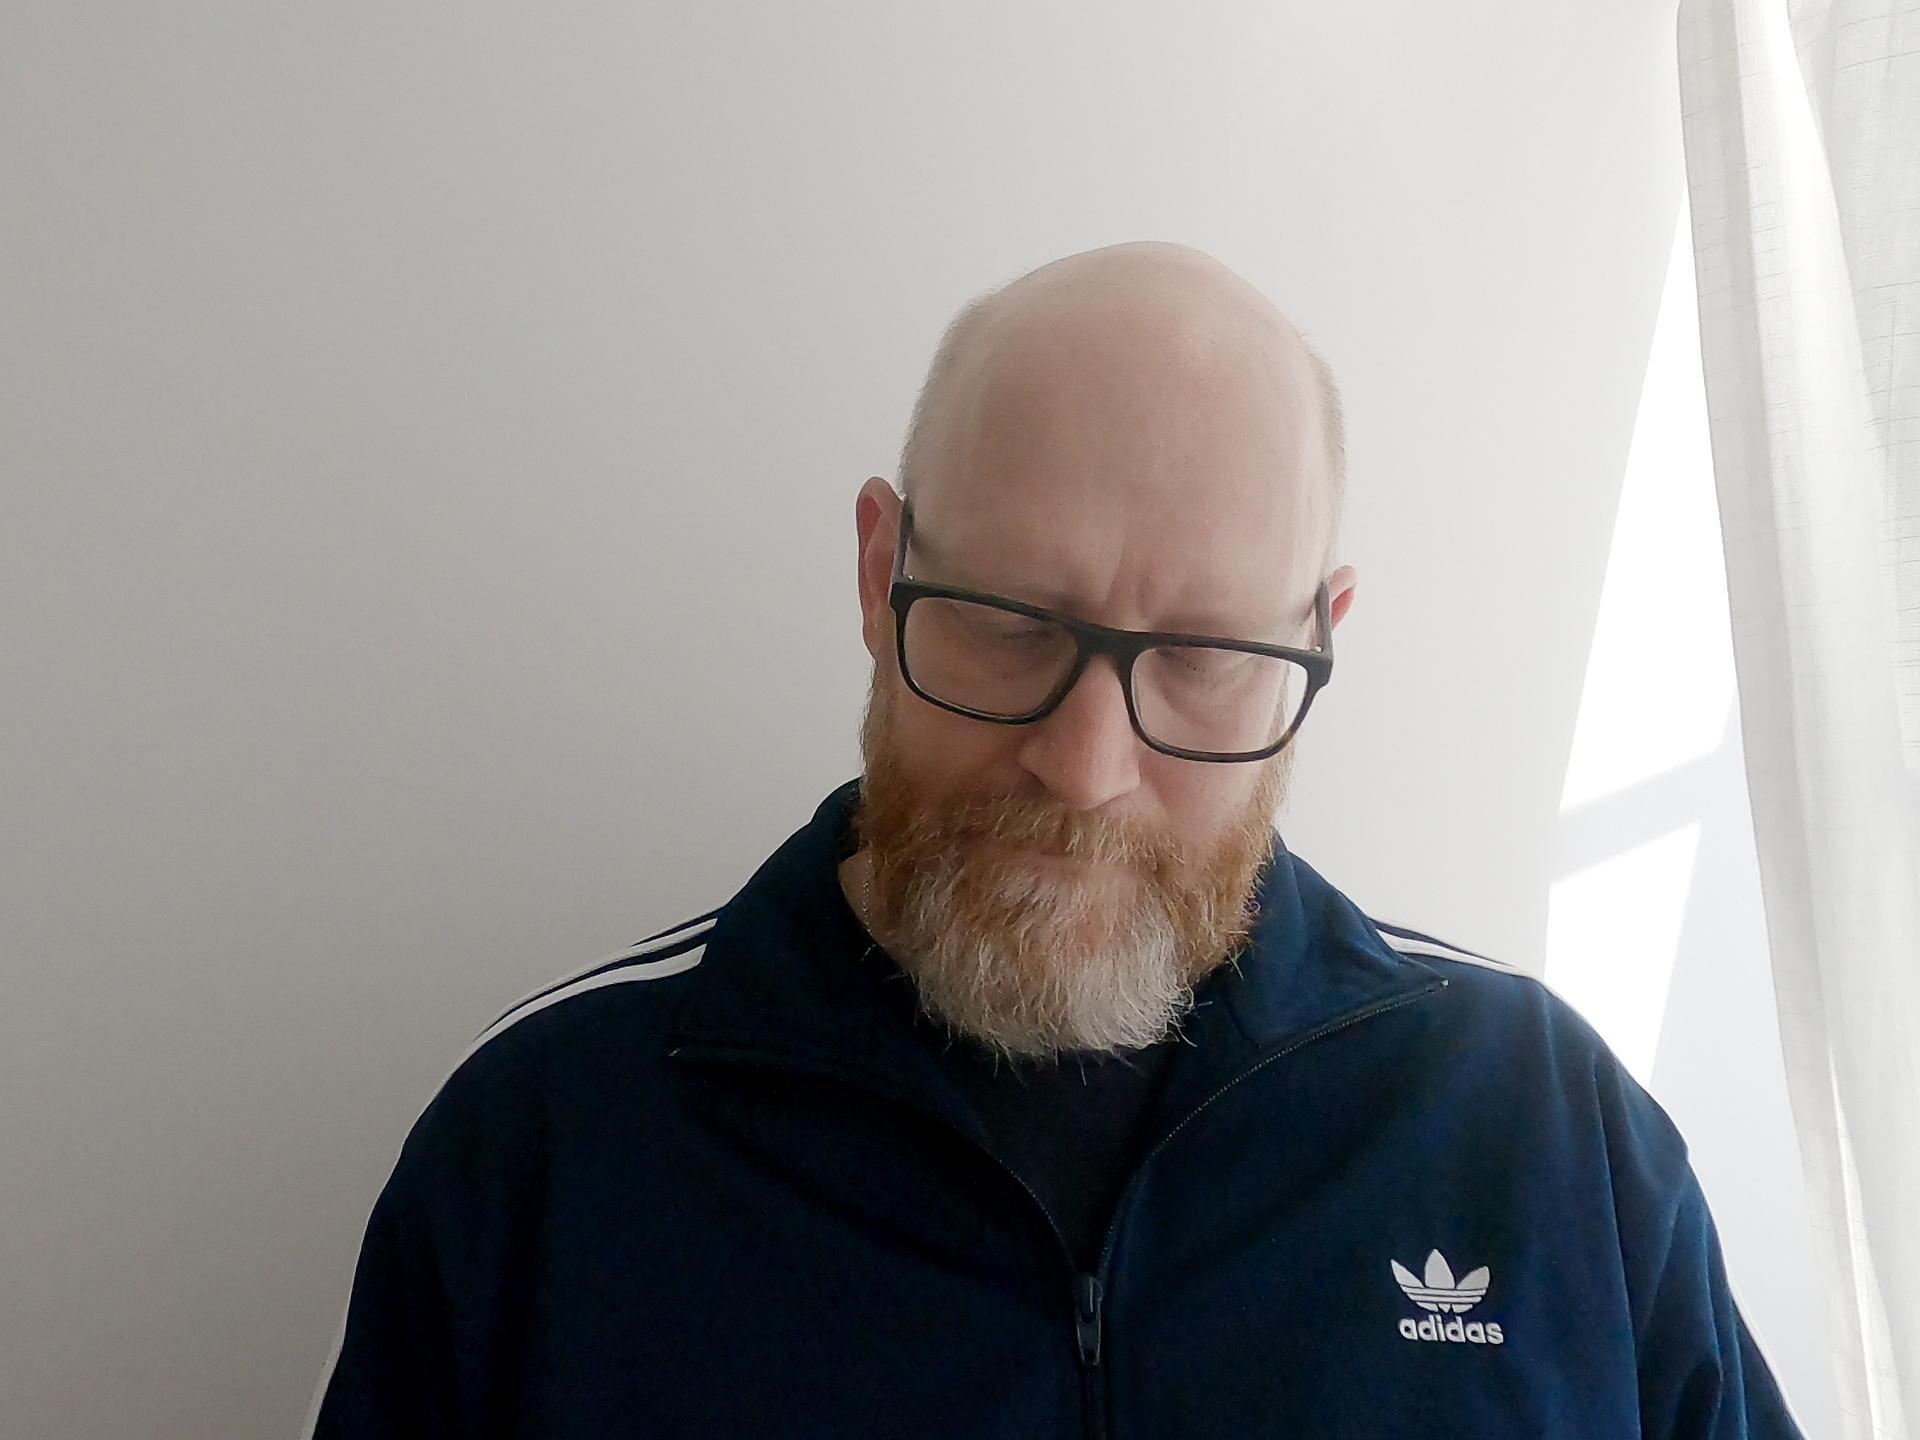 Lars Wittershagen